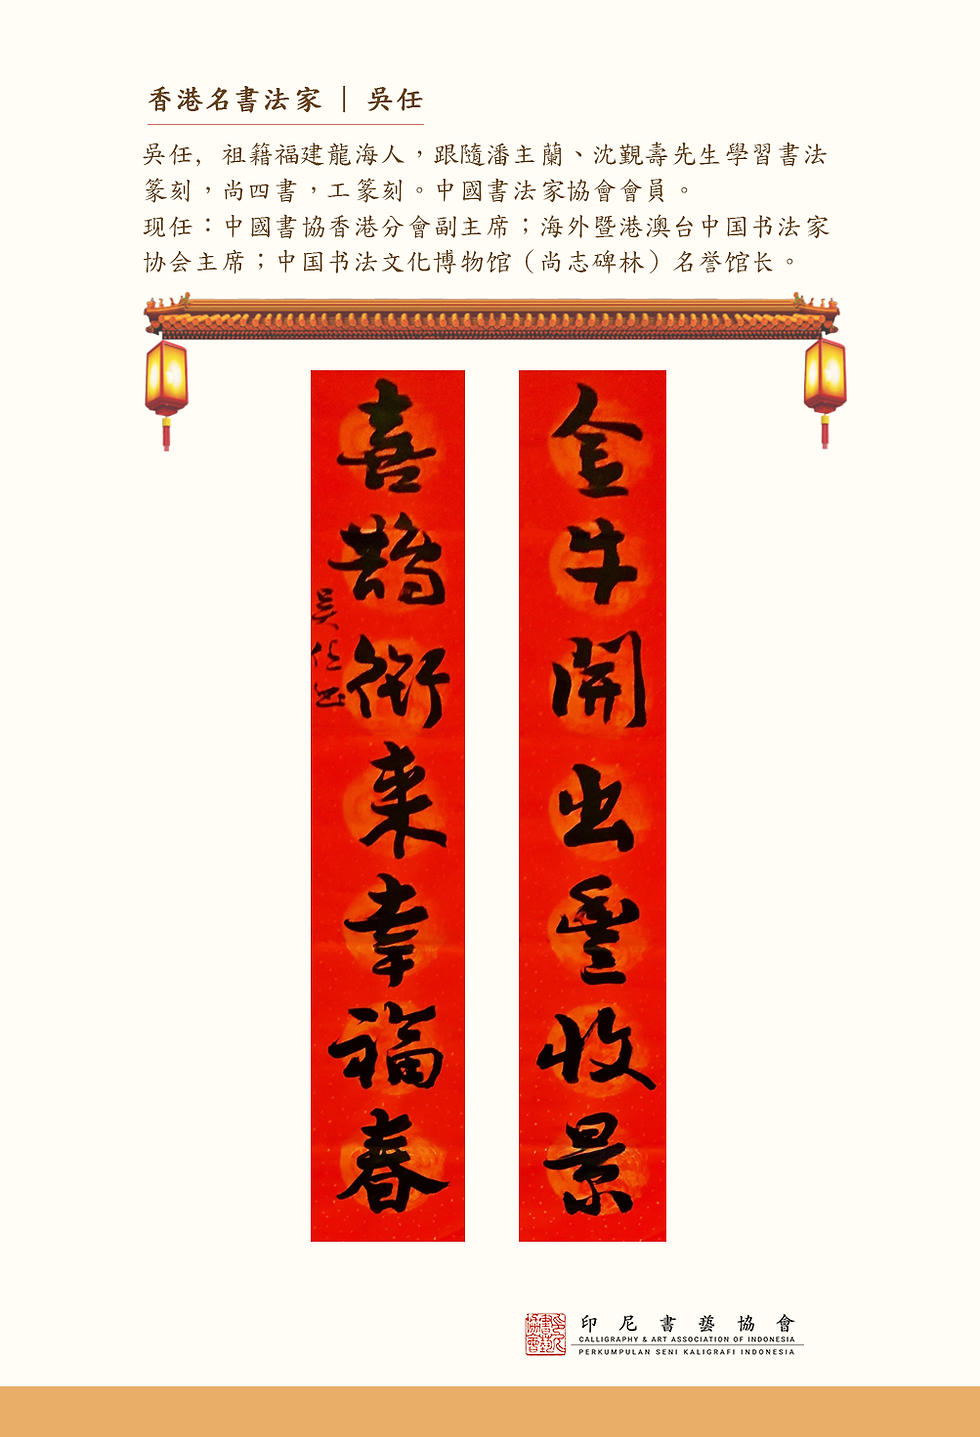 23-吳任-23.png